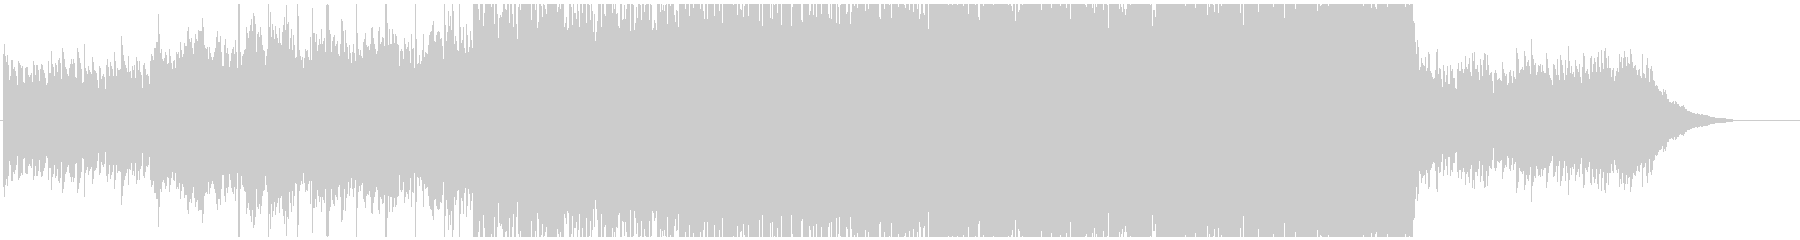 切ない雰囲気から前向きになるバラードの未再生の波形